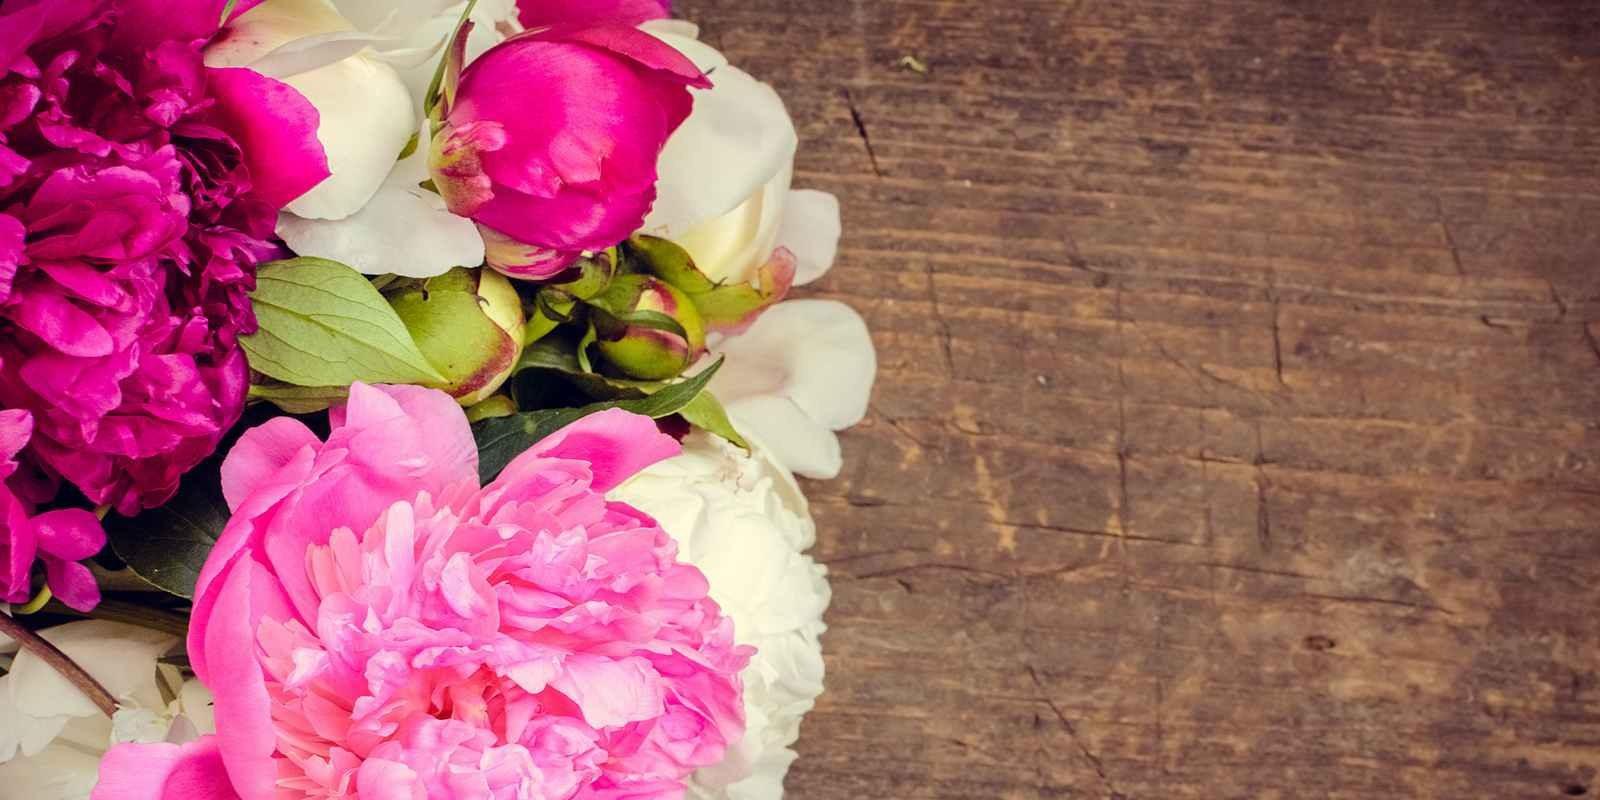 Envía flores si quieres sorprender con tu regalo